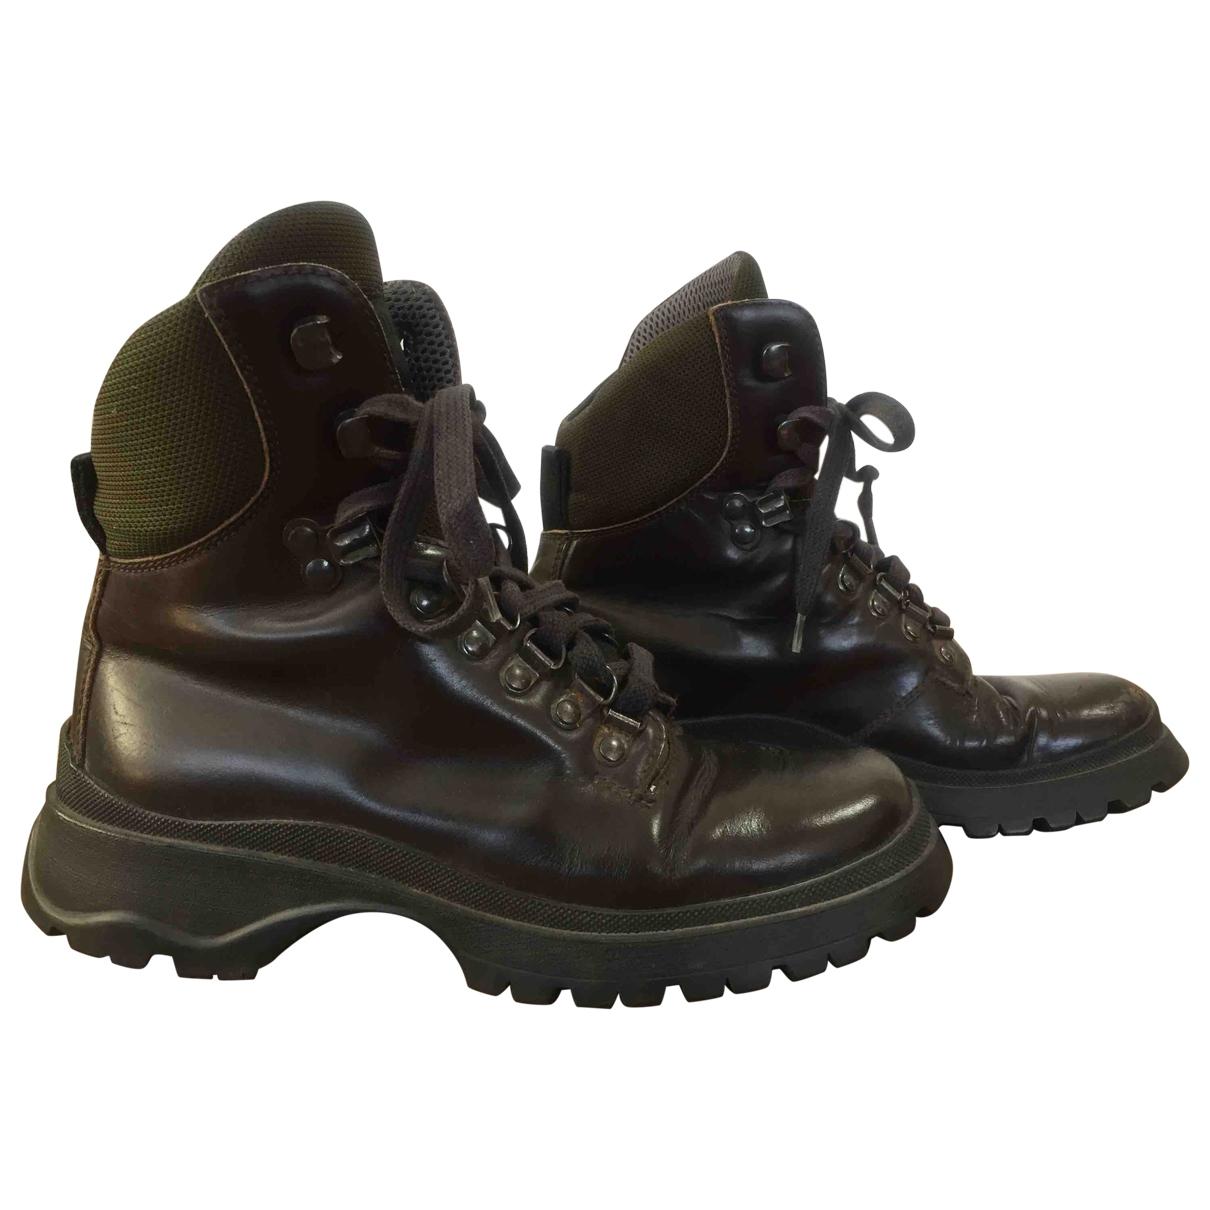 Prada - Boots   pour femme en cuir - marron